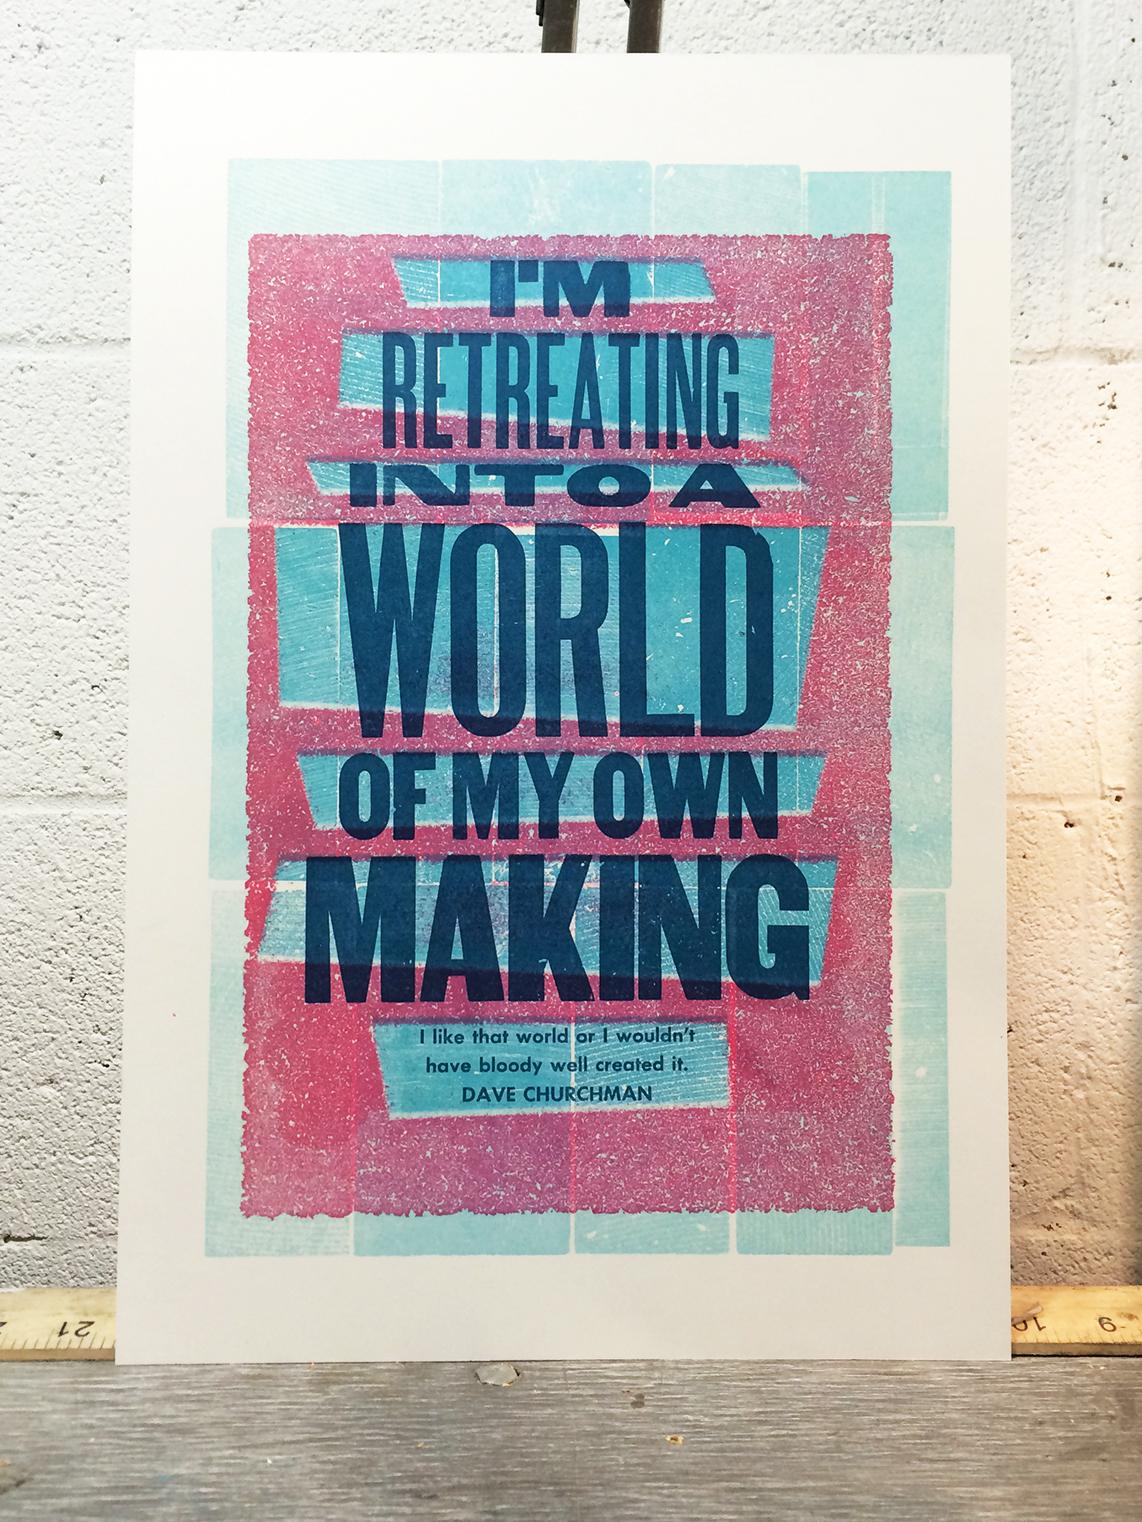 Beckloff-Making_Workshop.jpg